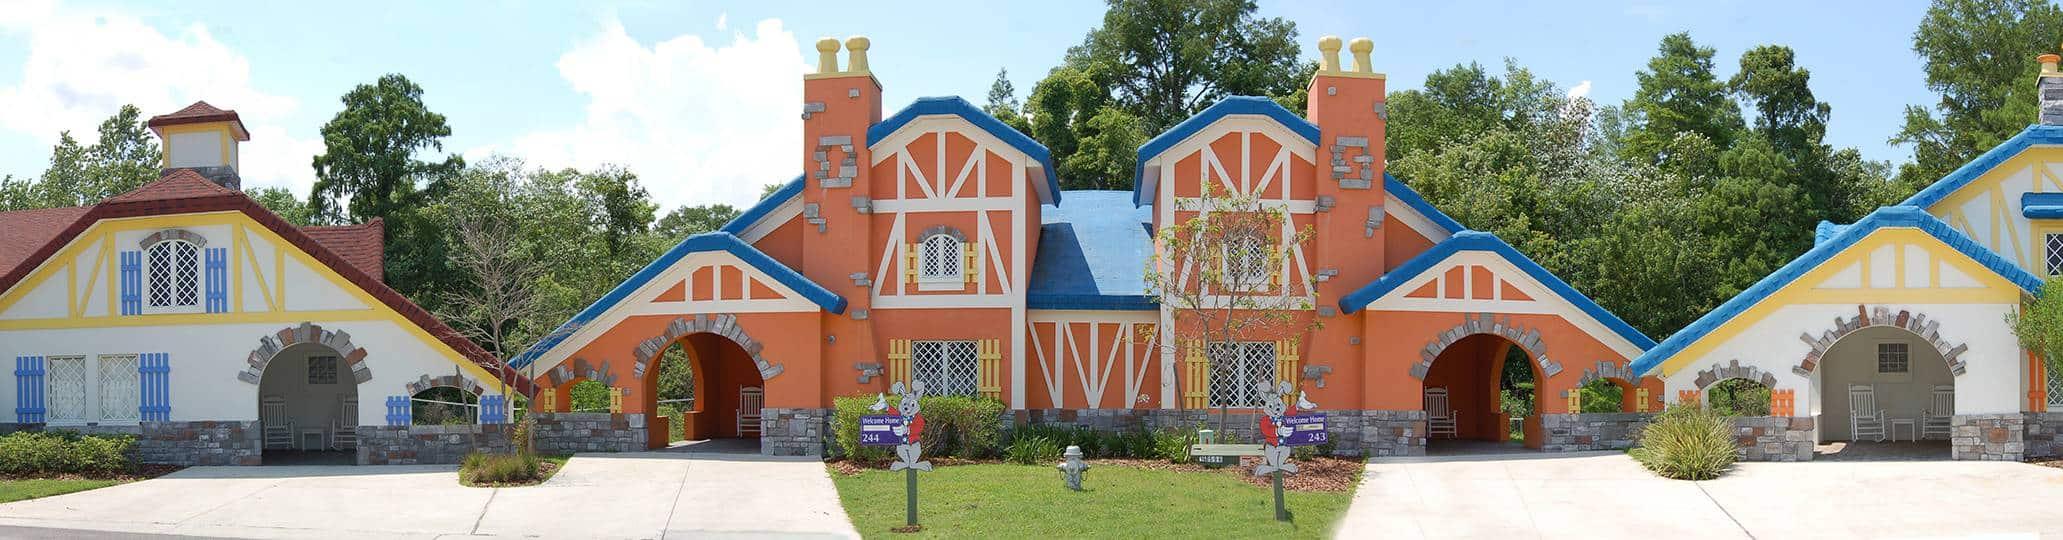 GKTW Village house